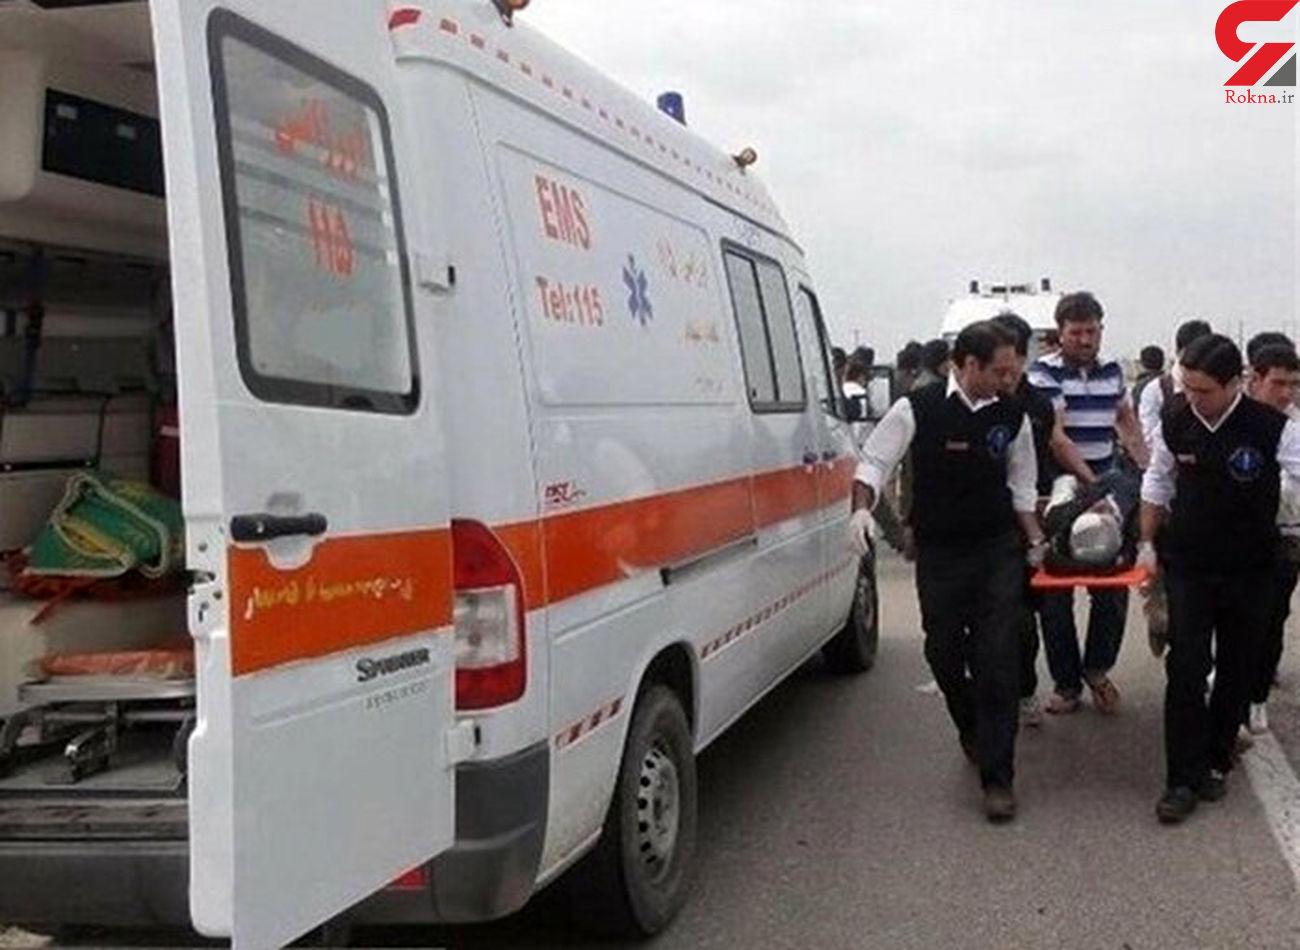 مصدومیت ۱۴ نفر براثر واژگونی اتوبوس در نزدیکی بیشه